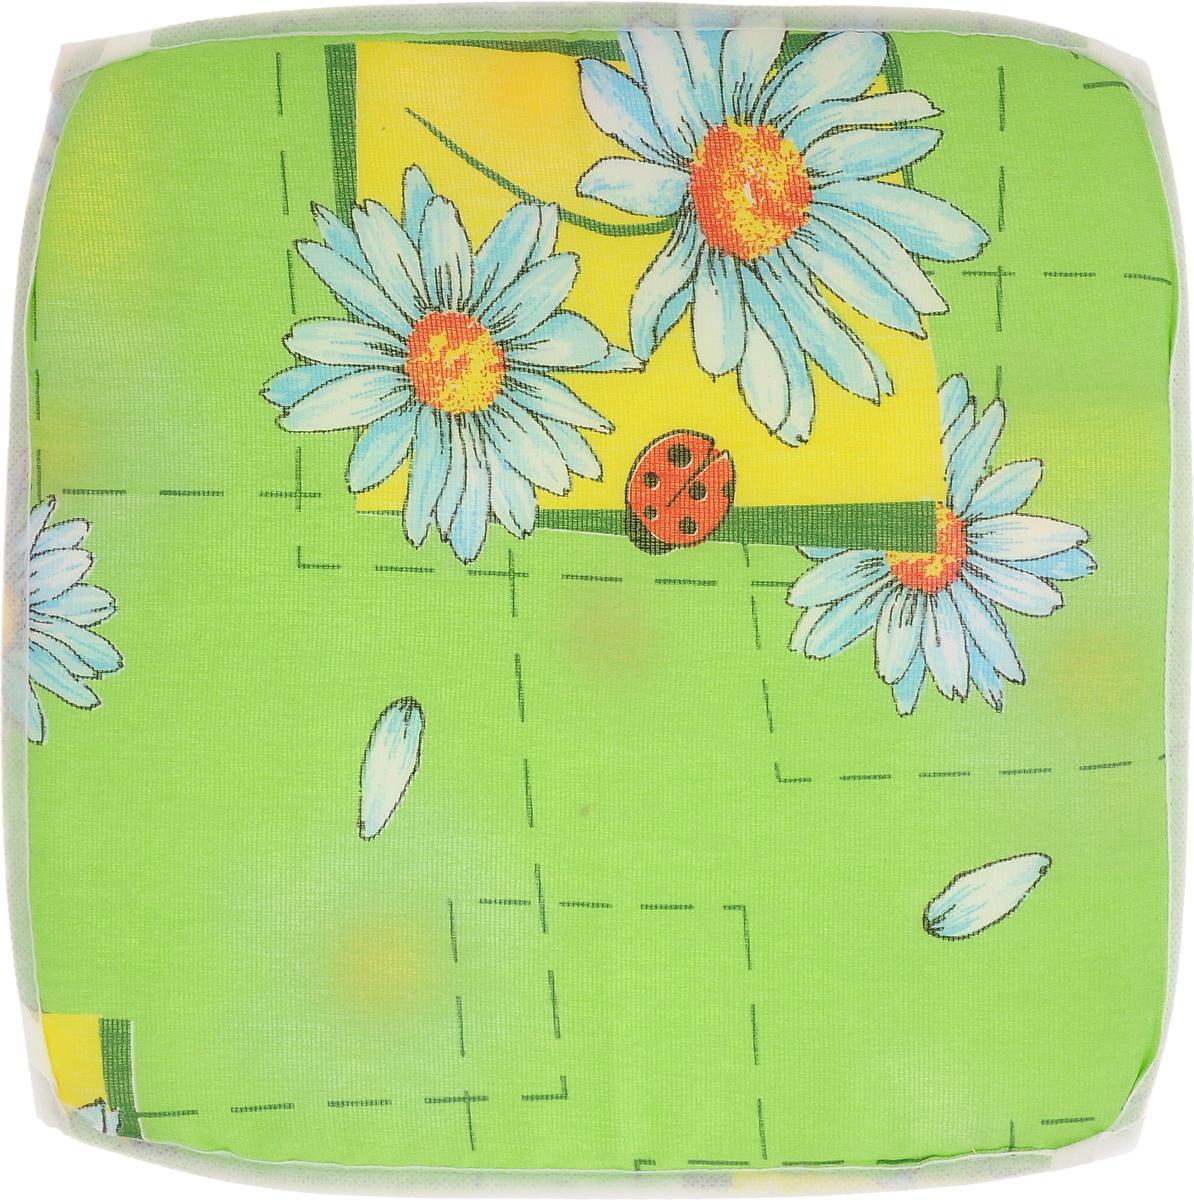 Подушка на стул Eva Ромашка, цвет: зеленый, голубой, 34 х 34 смЕ06_зеленый, божья коровкаПодушка на стул Eva Ромашка, выполненная из хлопка с наполнителем из поролона, легко крепится на стул с помощью завязок. Изделие оформлено изображением ромашек. Рекомендации по уходу: Деликатная стирка при температуре воды до 30°С. Отбеливание, барабанная сушка, химчистка запрещены. Рекомендуется глажка при температуре подошвы утюга до 150°С. Размер подушки: 34 х 34 х 1 см.